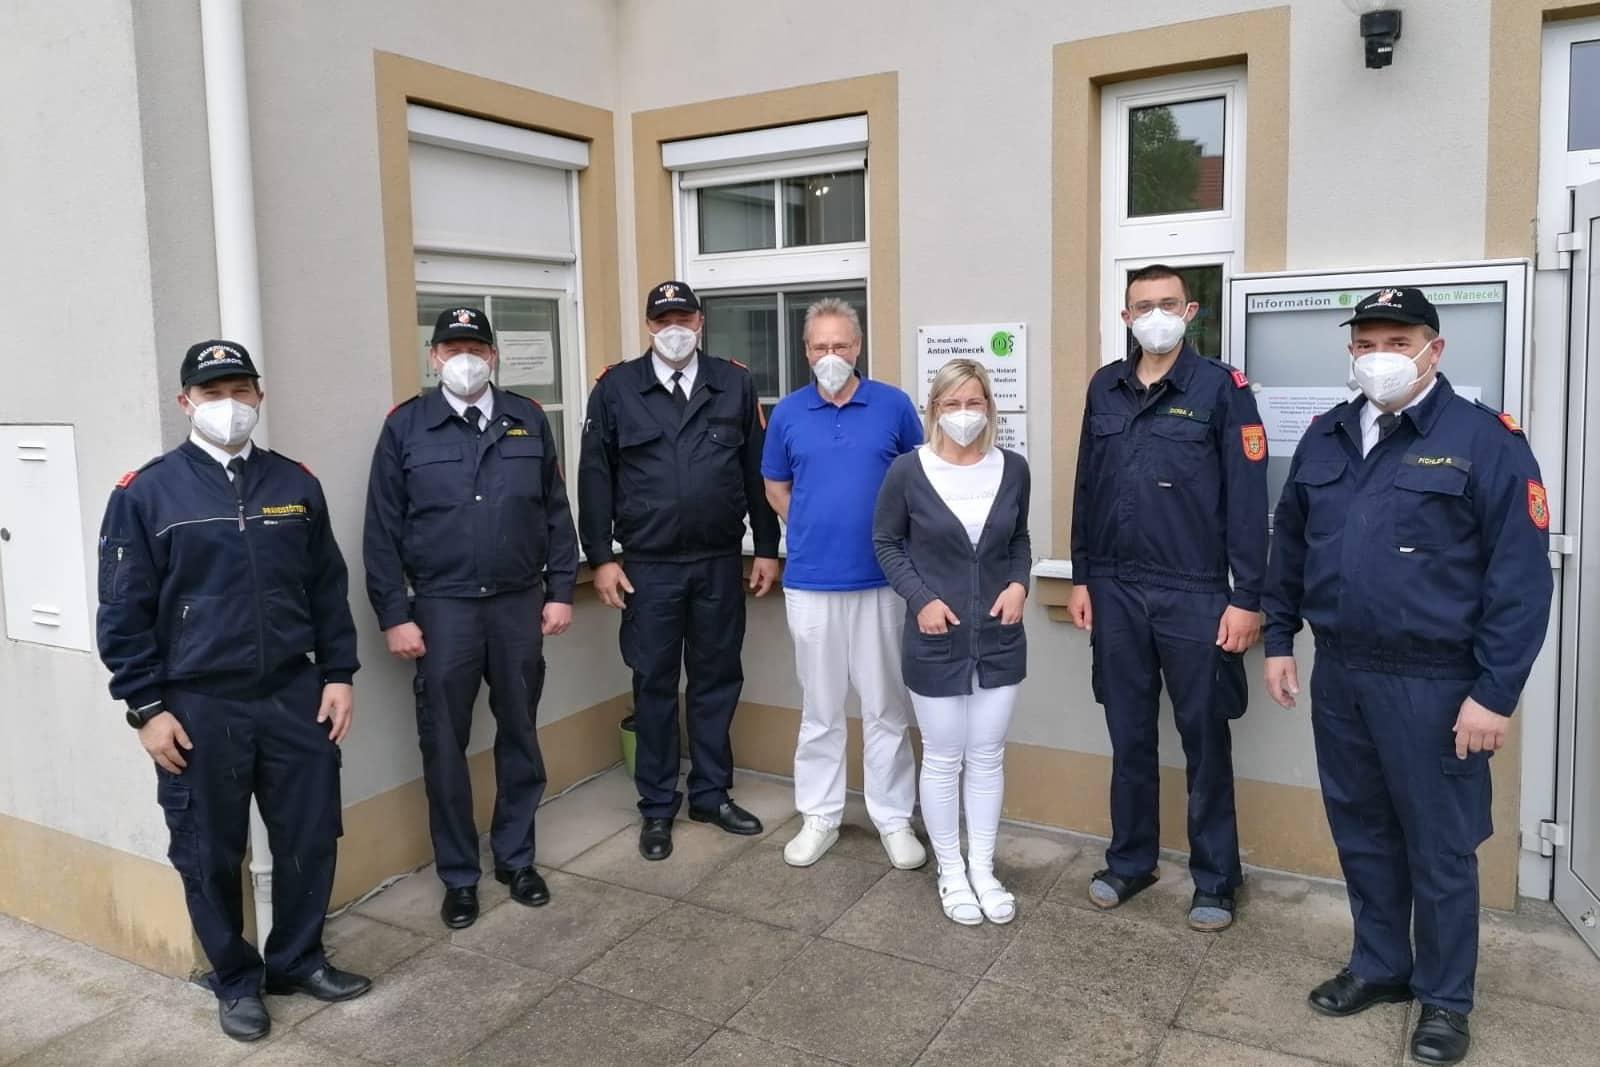 160 Feuerwehrmitglieder gegen COVID 19 geimpft